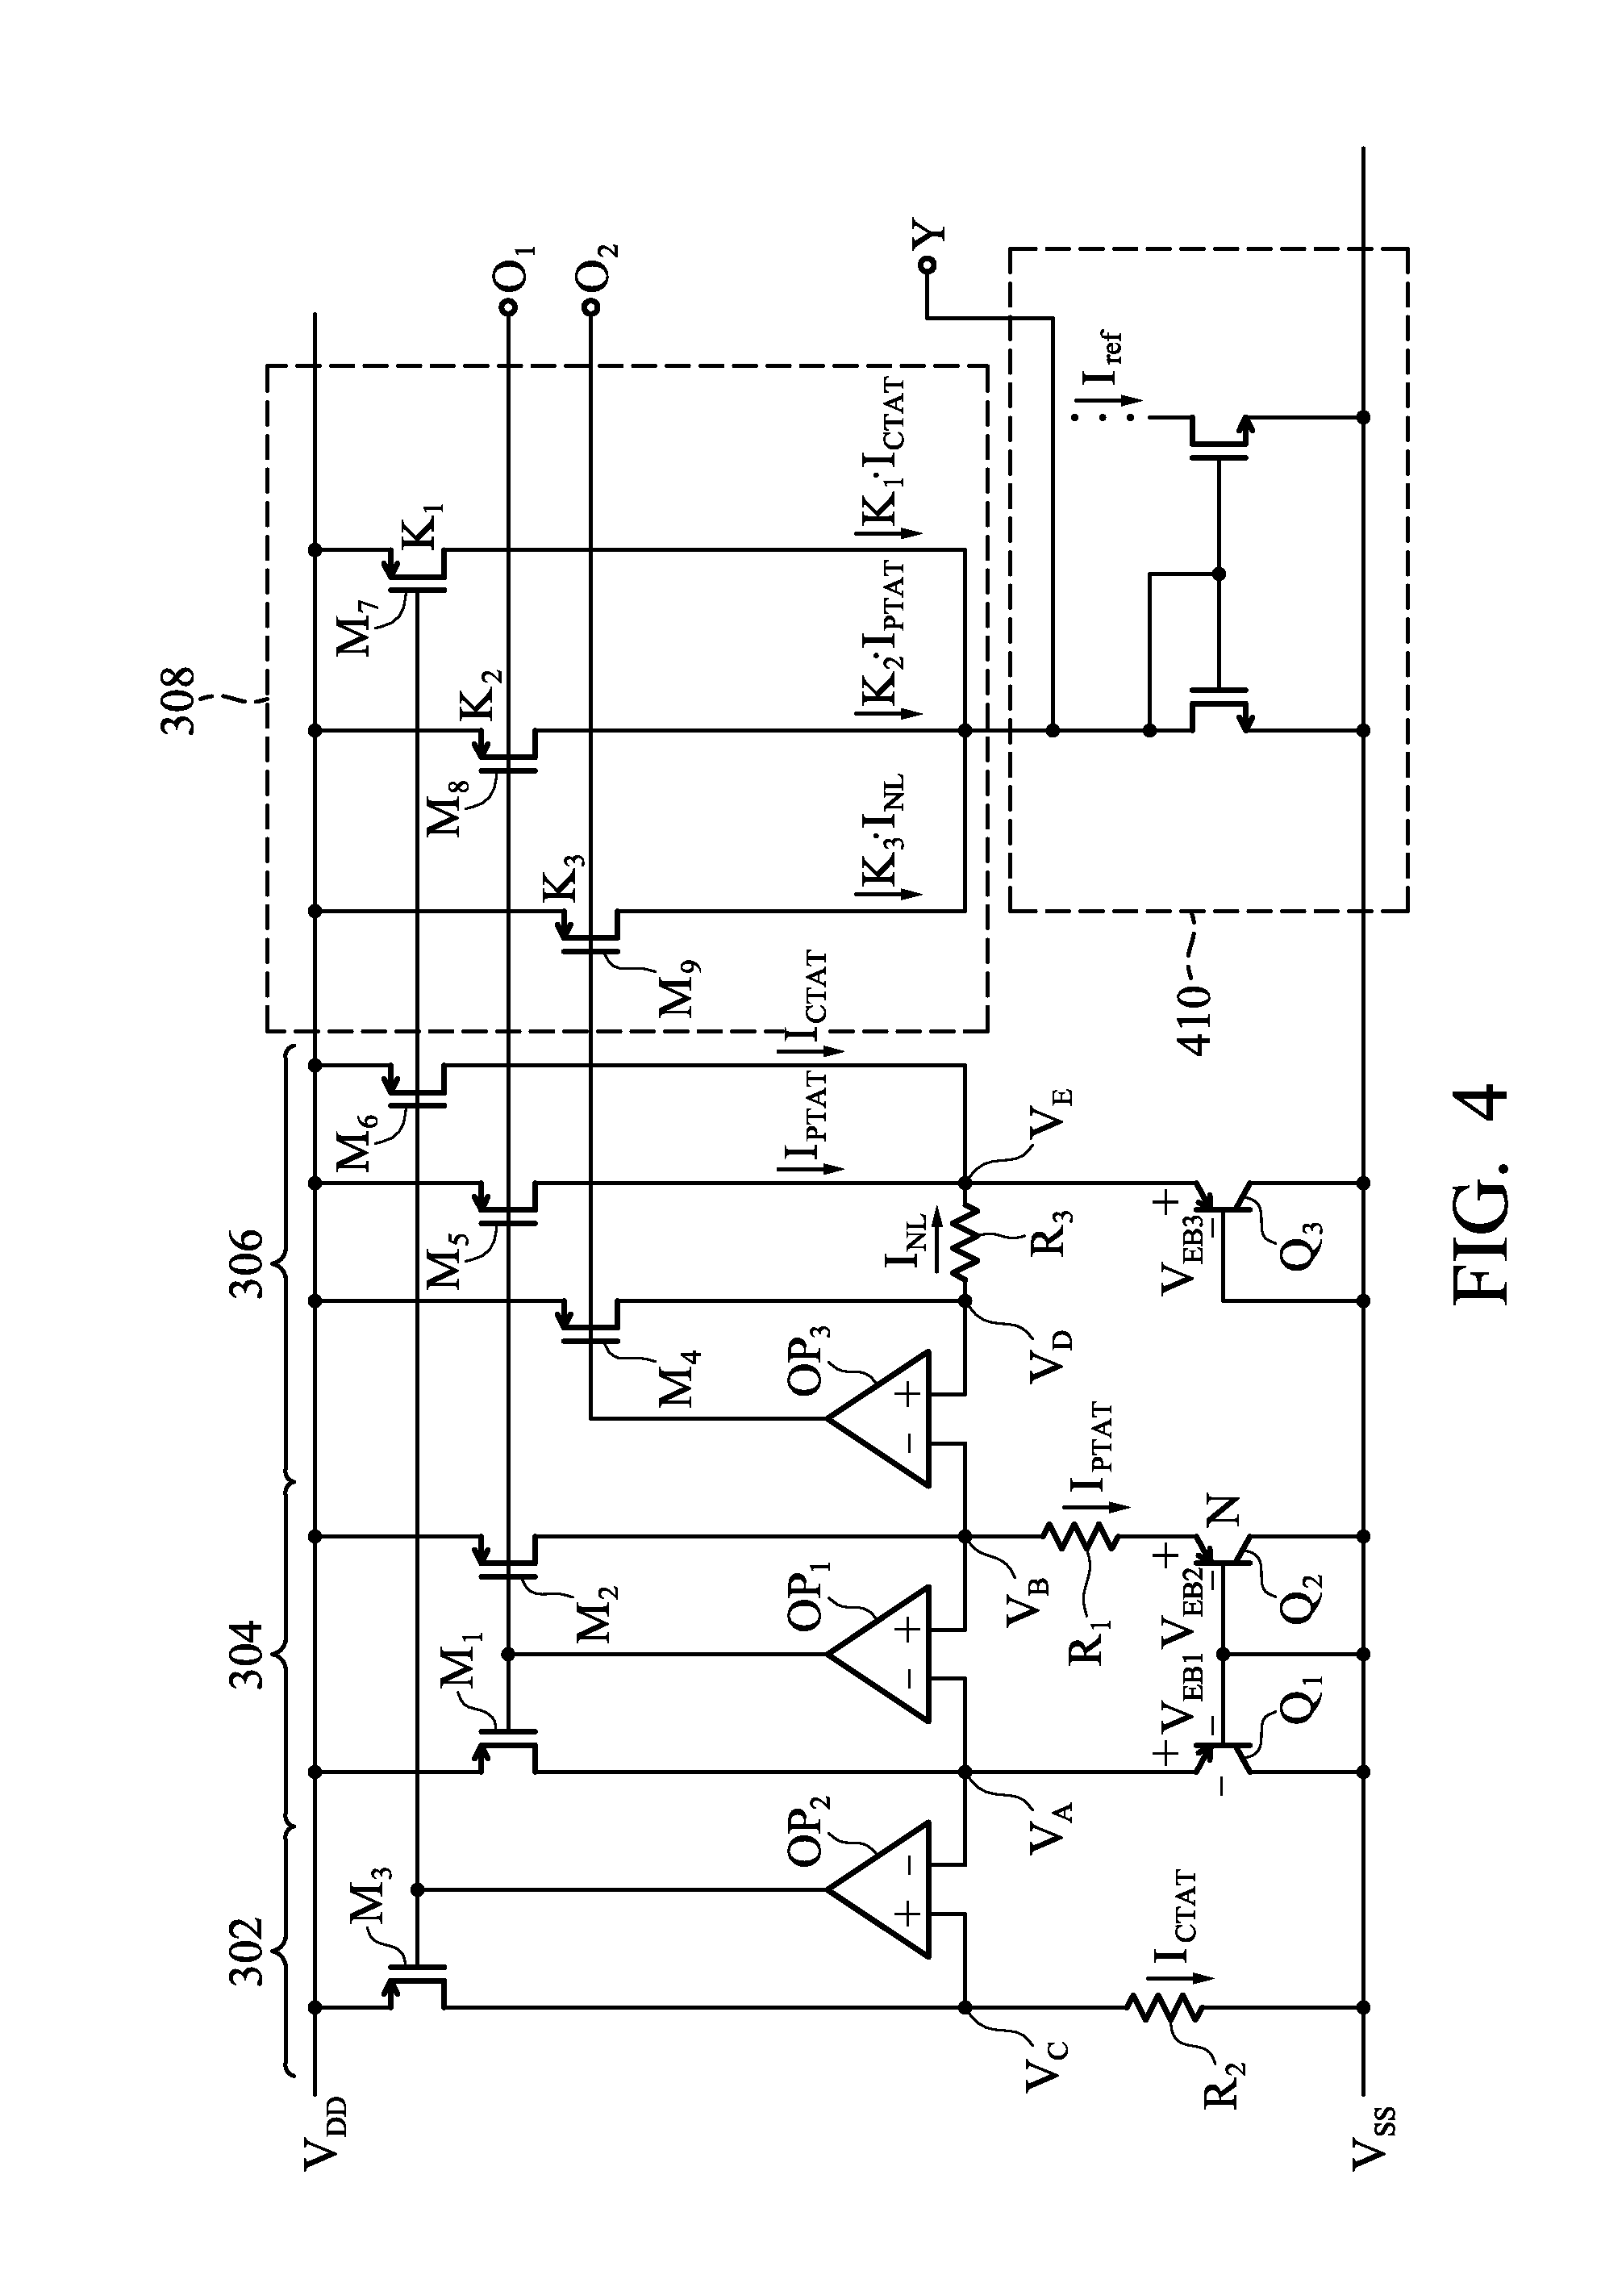 bandgap reference circuit